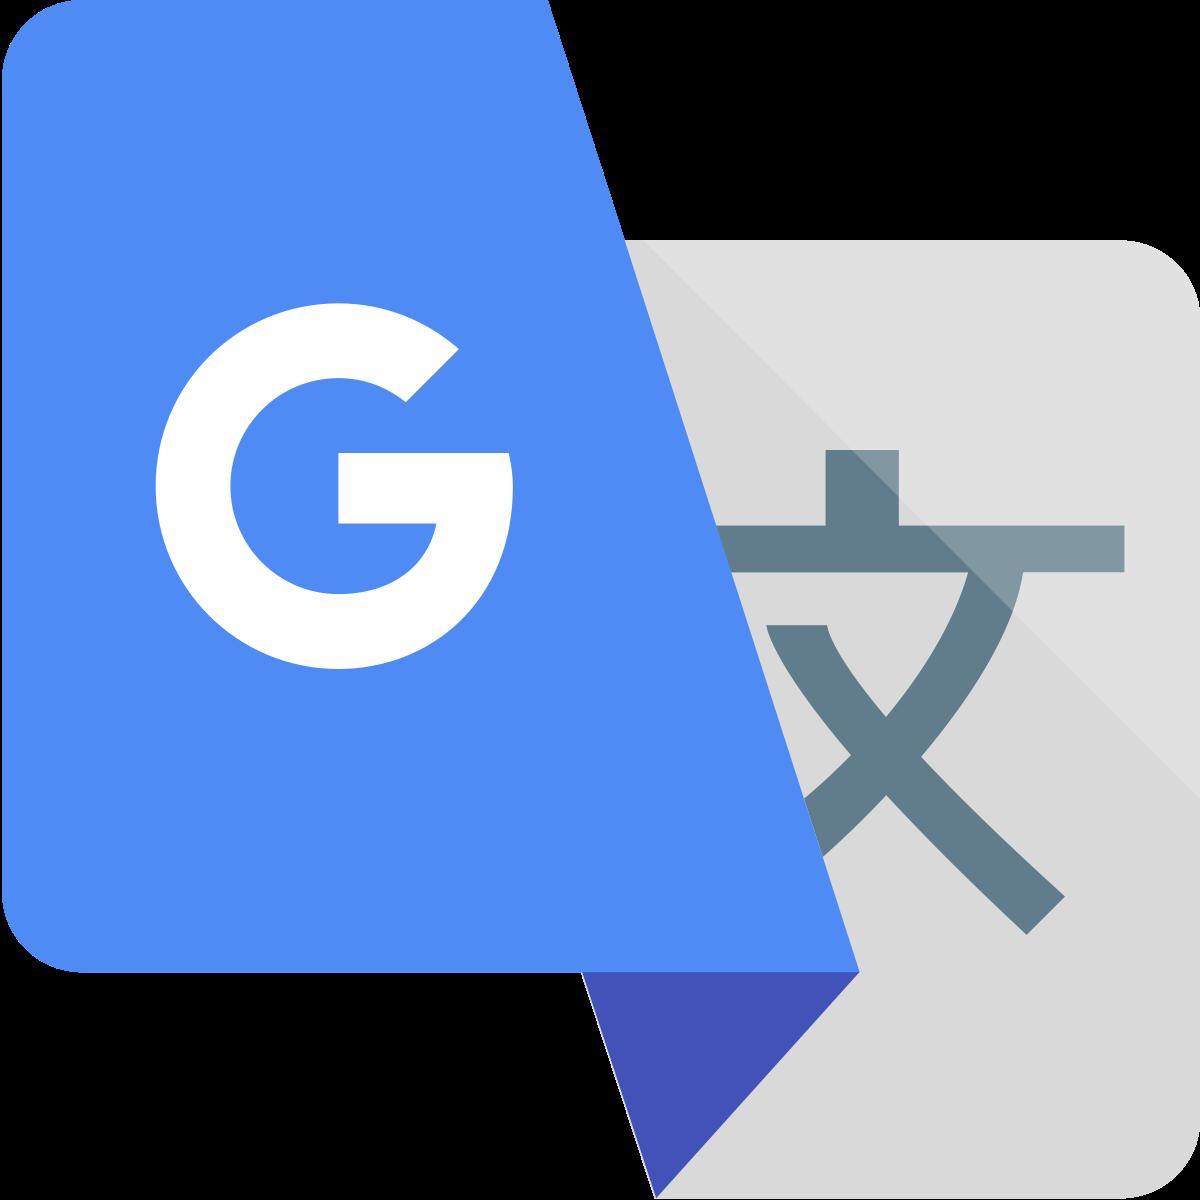 گوگل ترنسلیت گوگل گوگل ترجمه